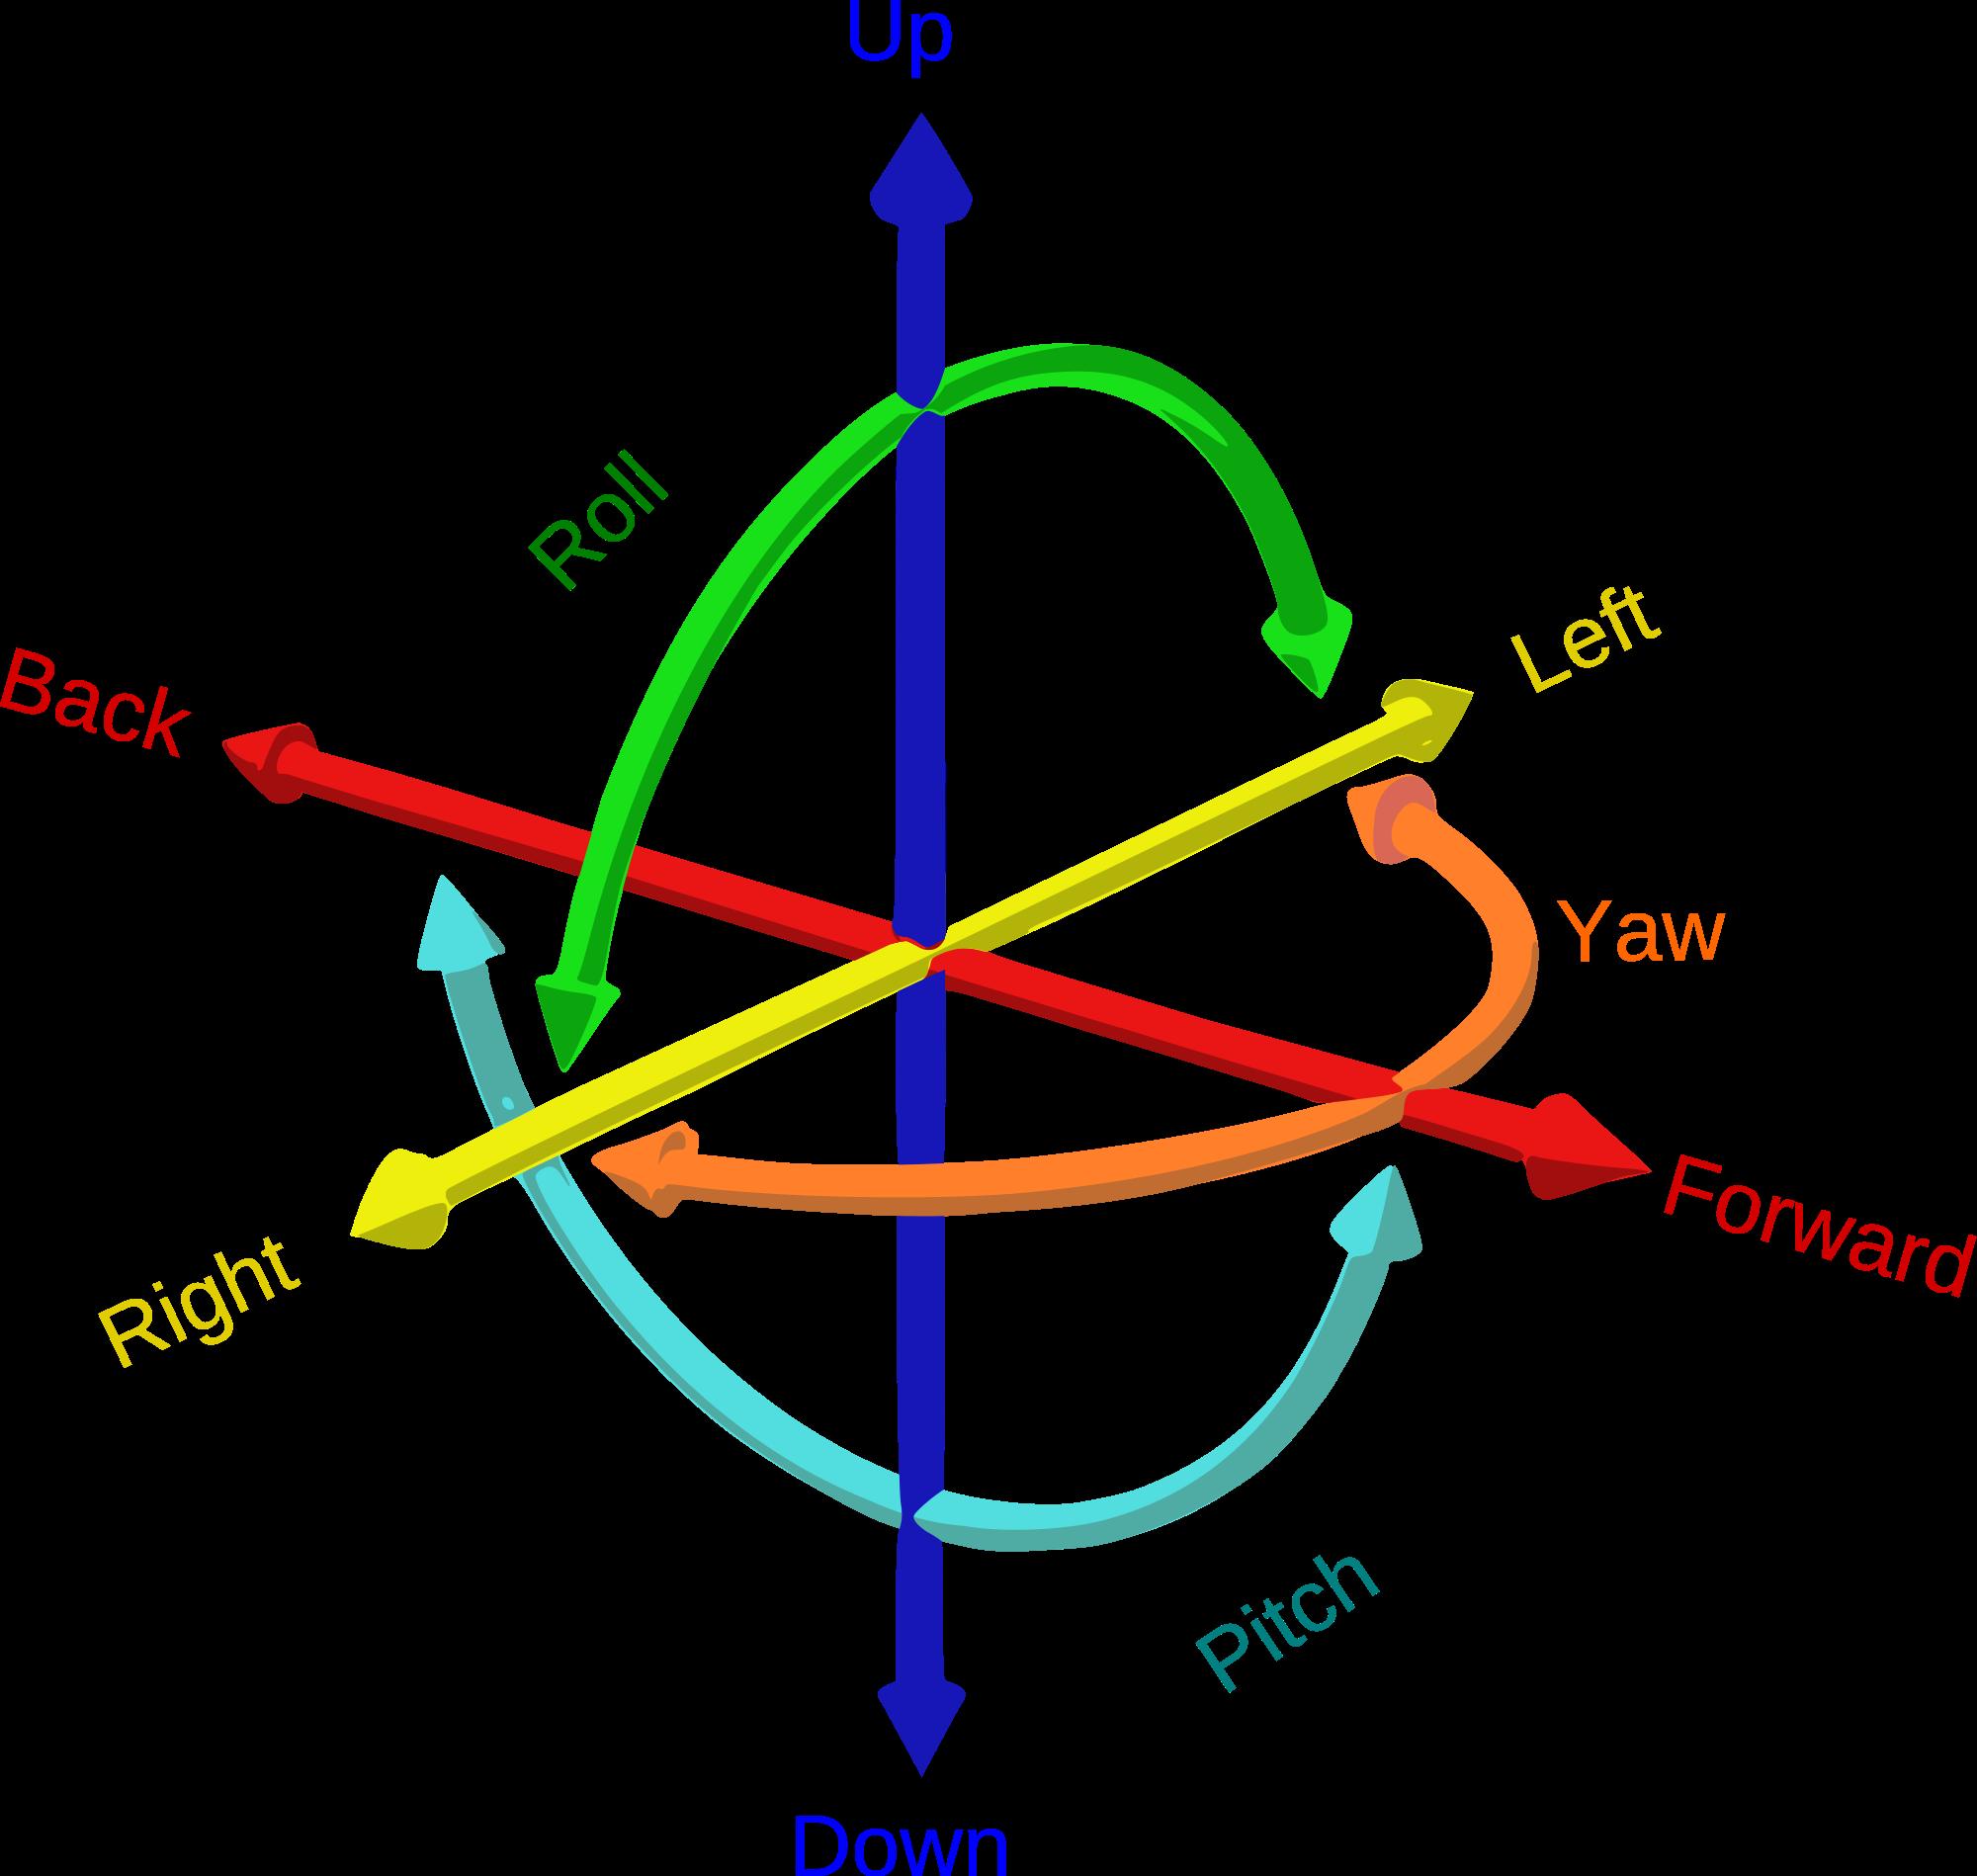 图4 6DoF